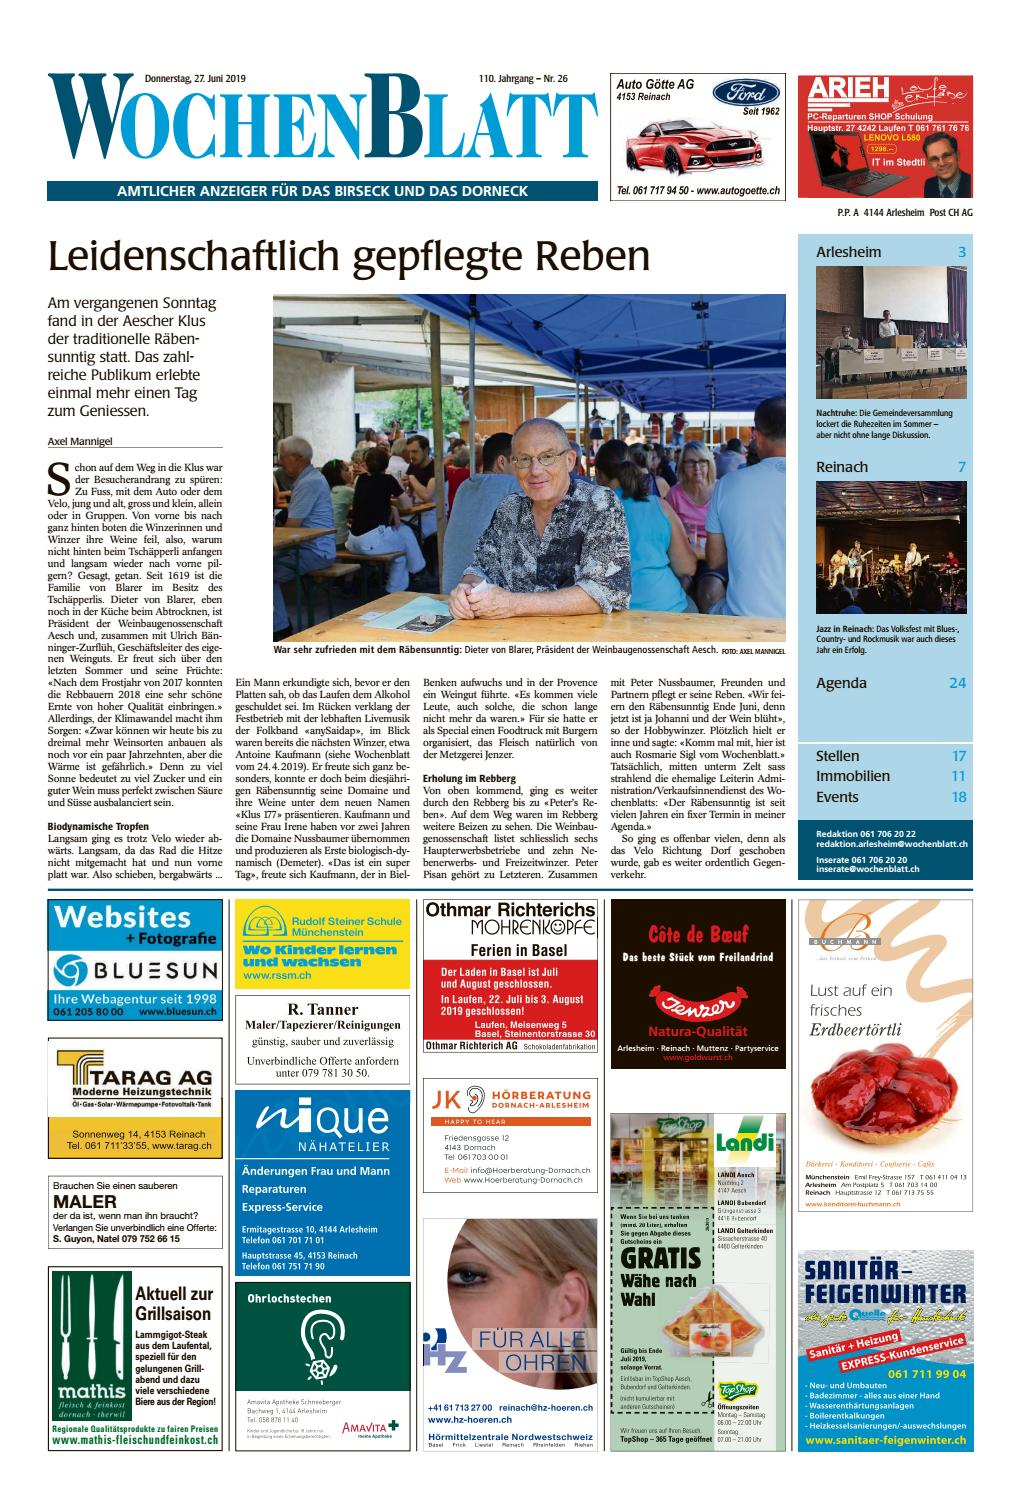 Packages - Netzwerk Schweizer Prke